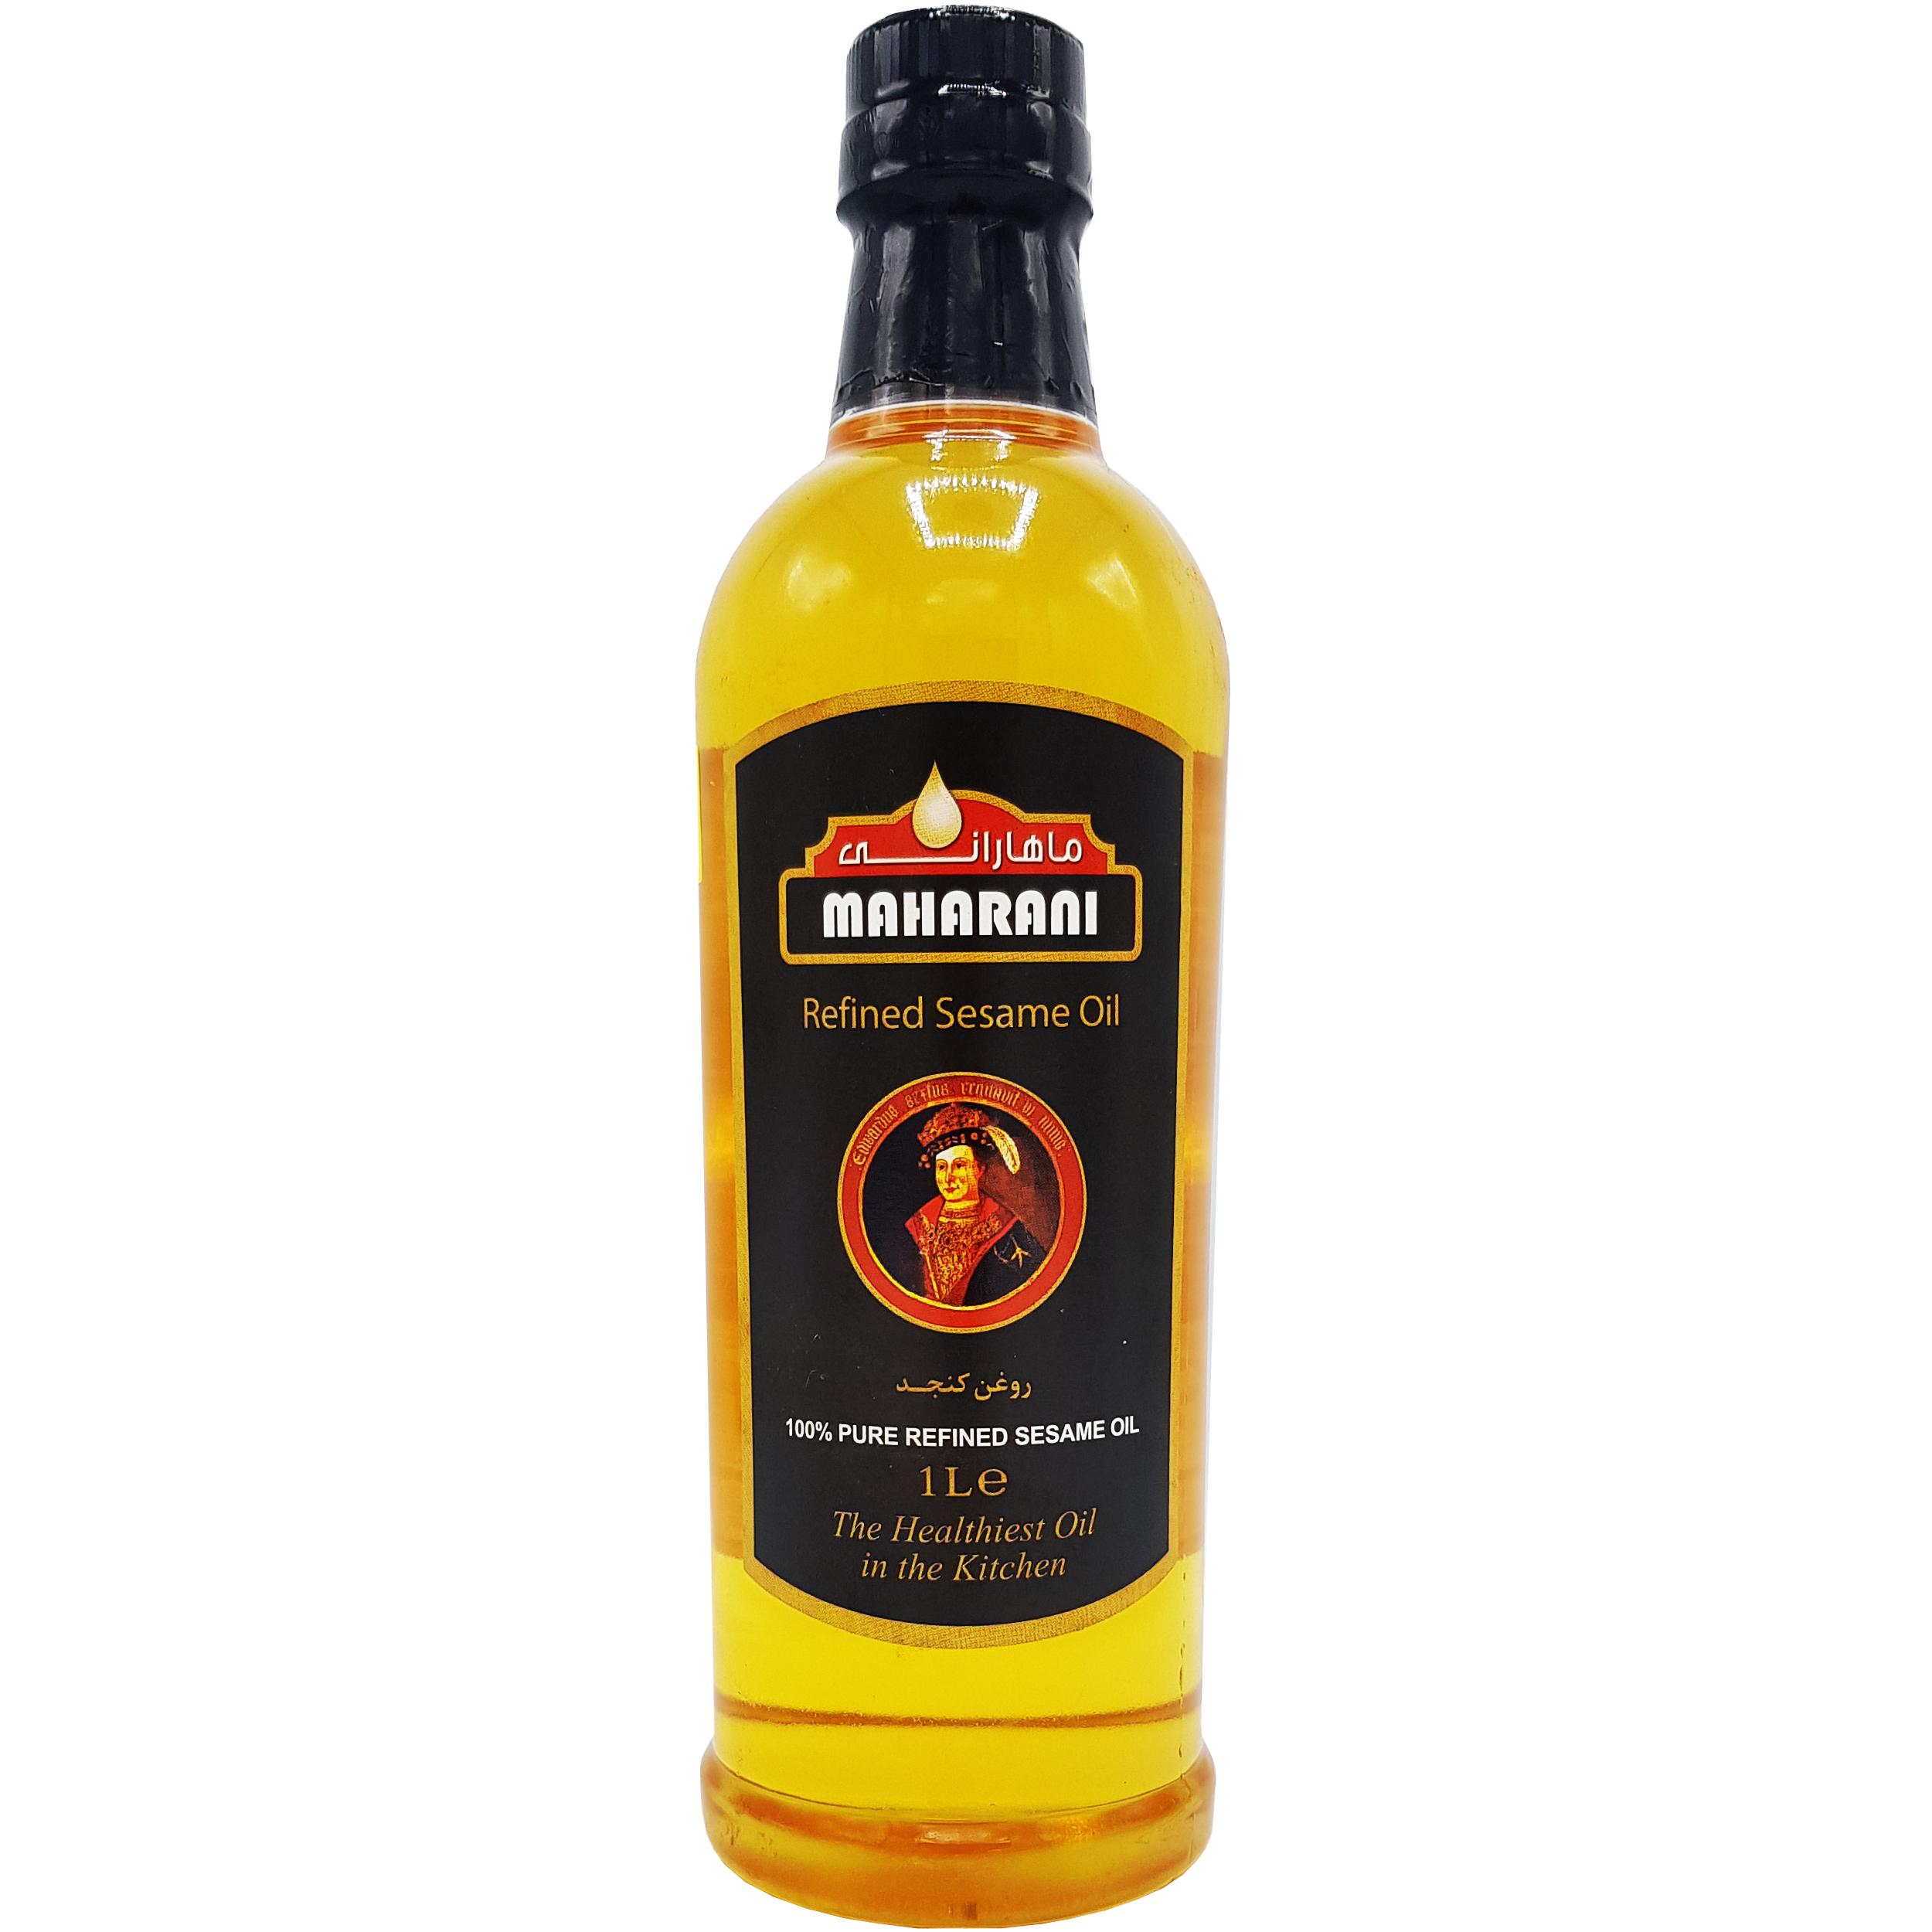 روغن کنجد تصفیه شده ماهارانی - 1 لیتر main 1 1